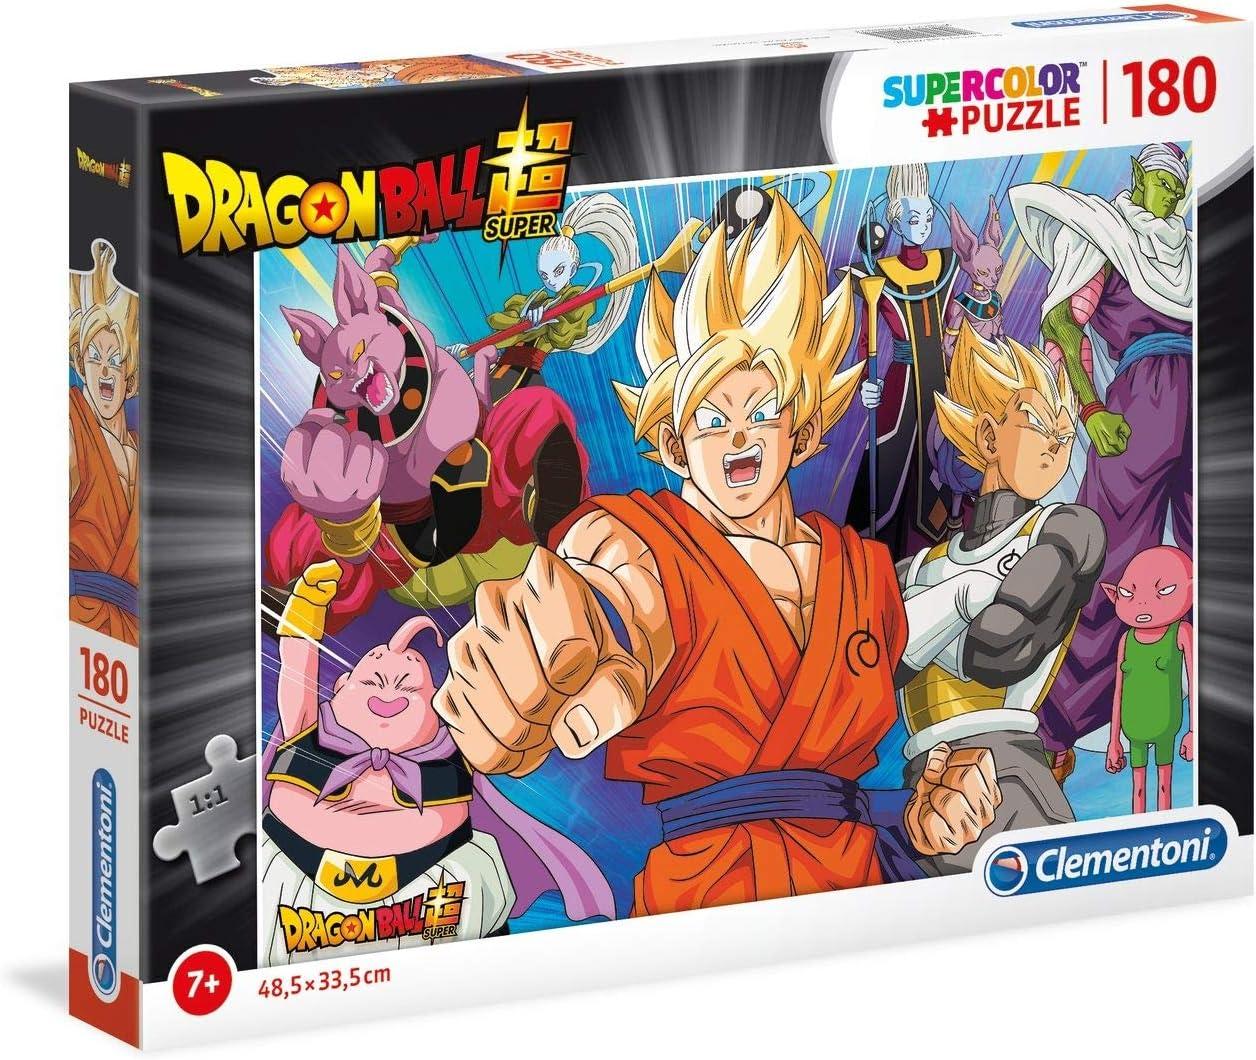 Clementoni Supercolor - Puzzle de 44 Gatos, 60 Piezas 180pezzi Dragon Ball: Amazon.es: Juguetes y juegos